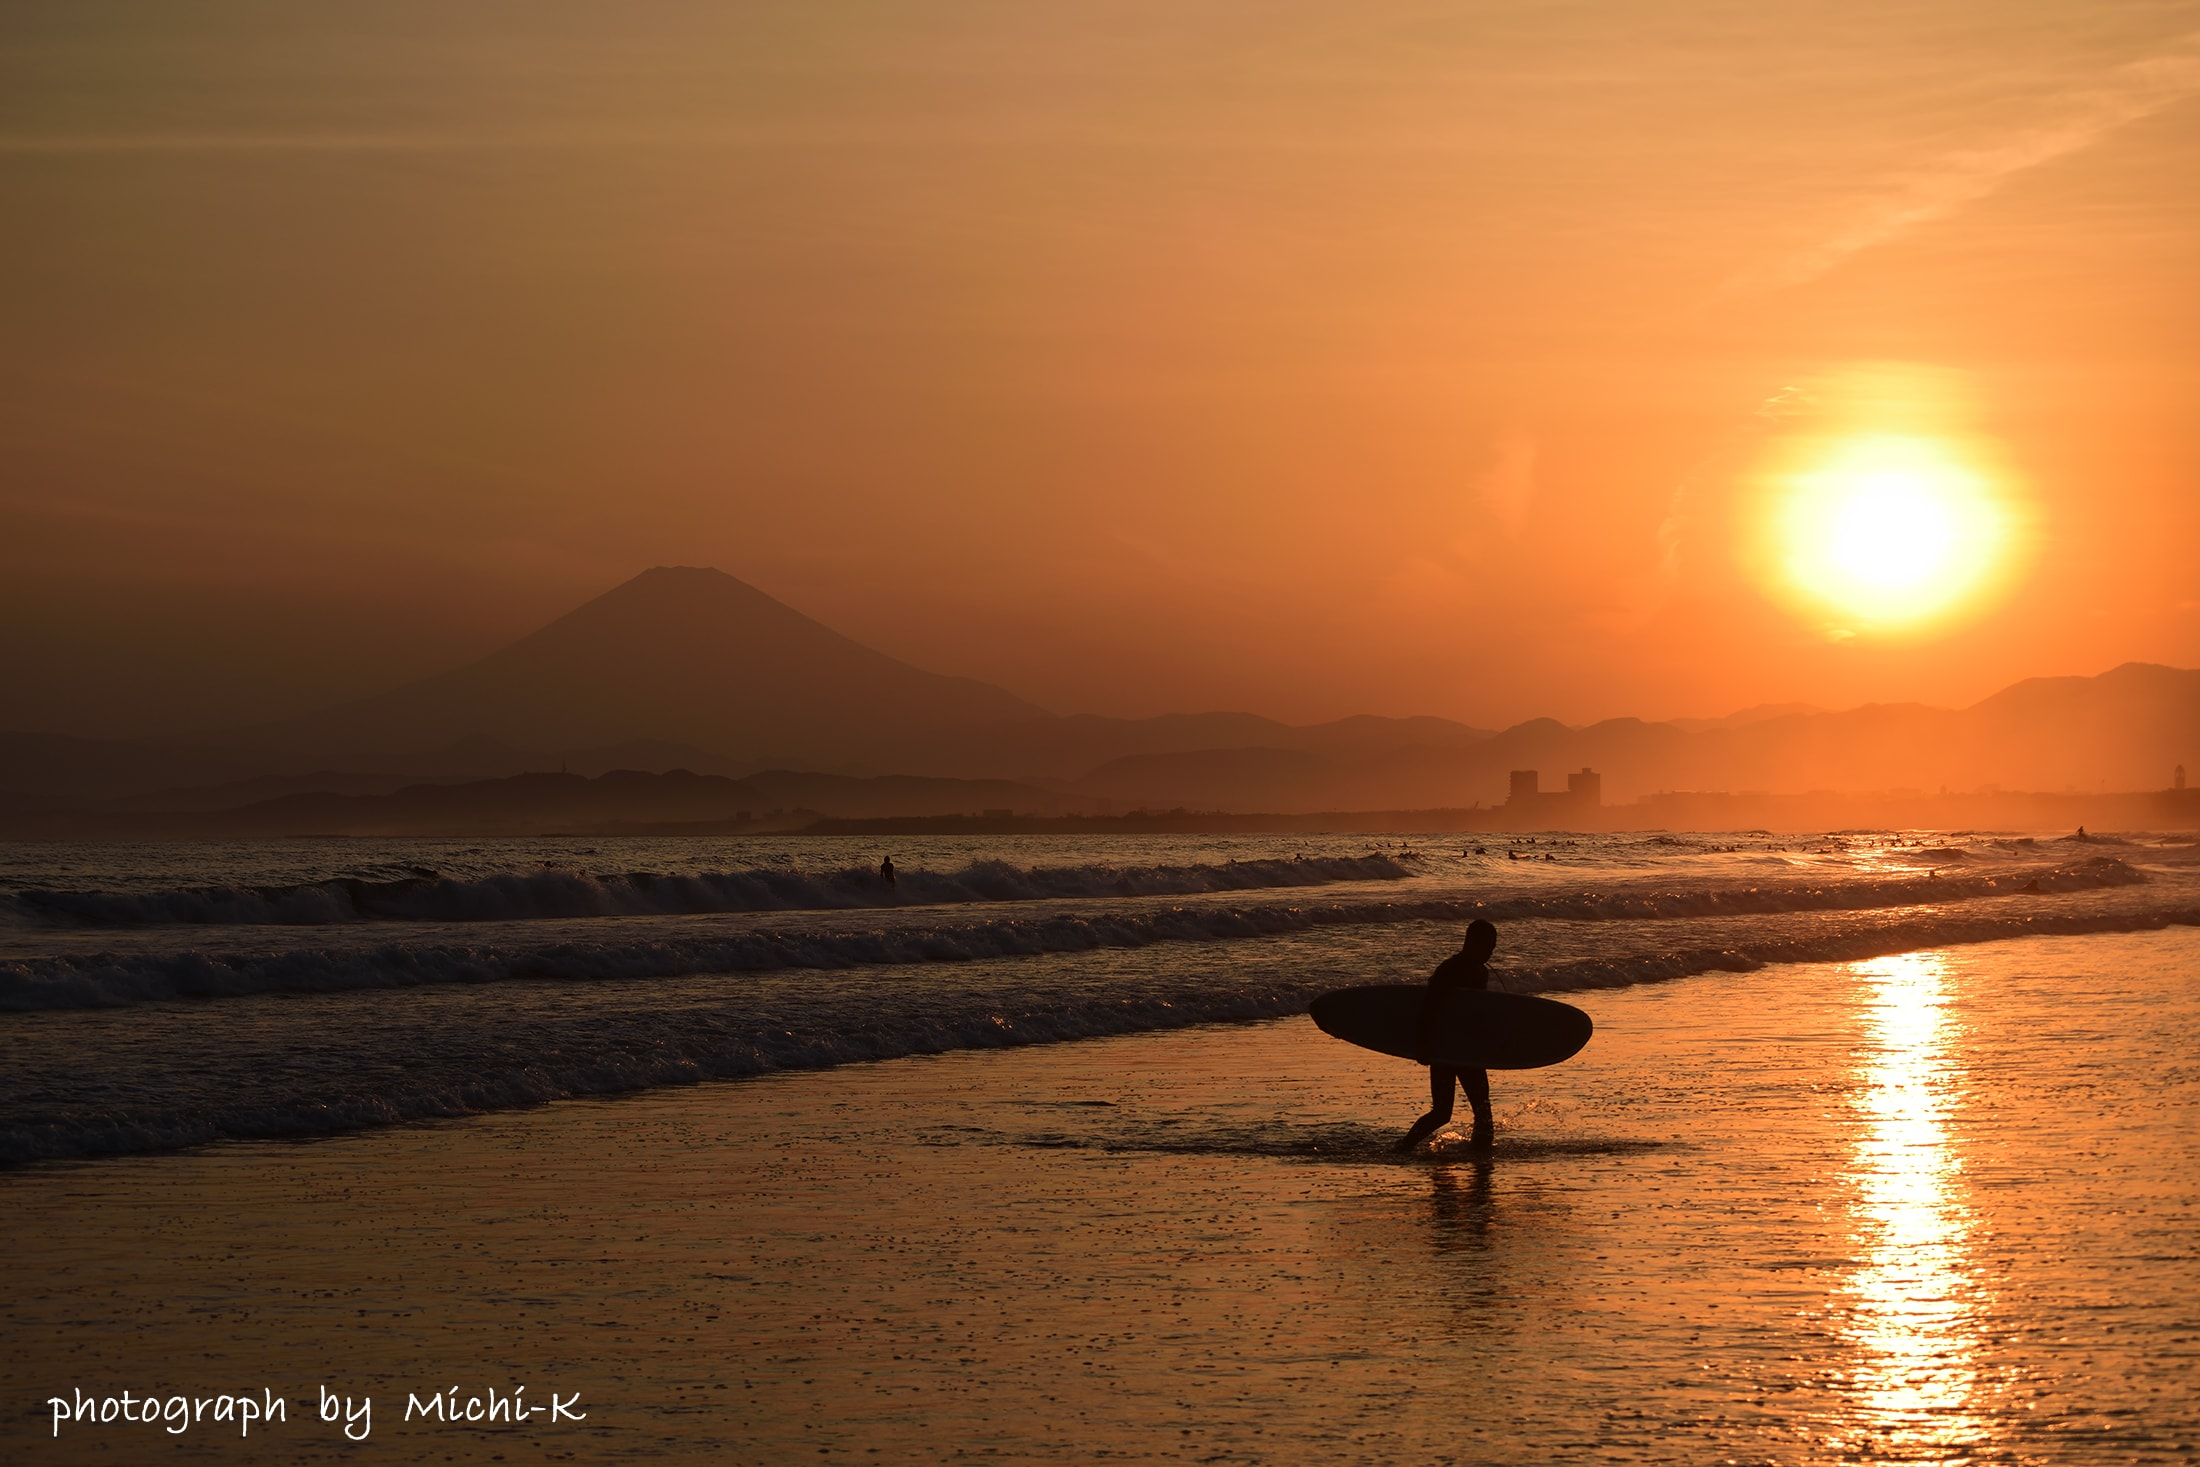 江ノ島・西浜海水浴場-4、暗くなり引き揚げるサーファー